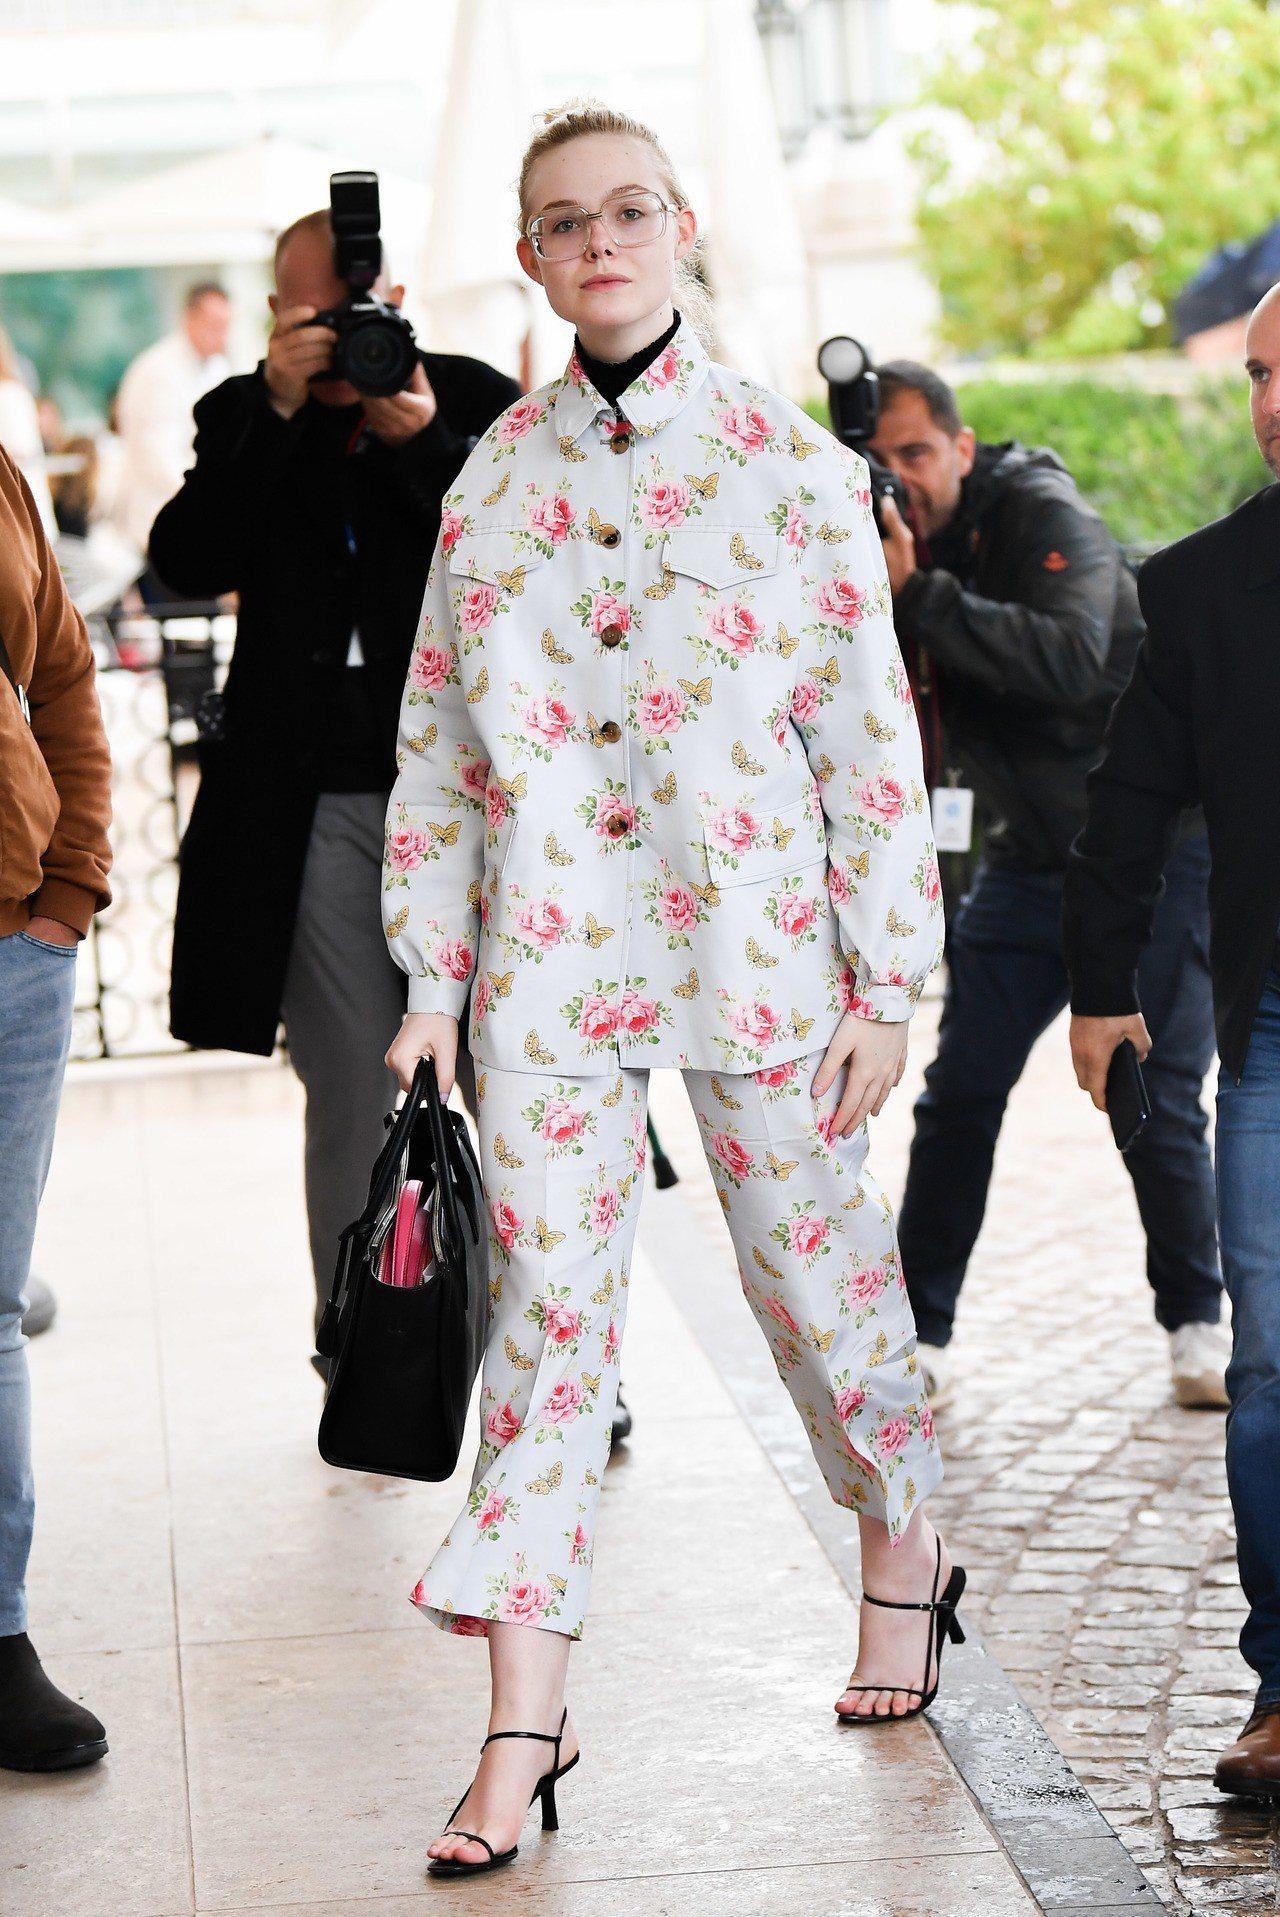 艾兒芬妮換上Prada的2020早春系列的褲裝套裝,淺色布料搭粉嫩的玫瑰、蝴蝶印...